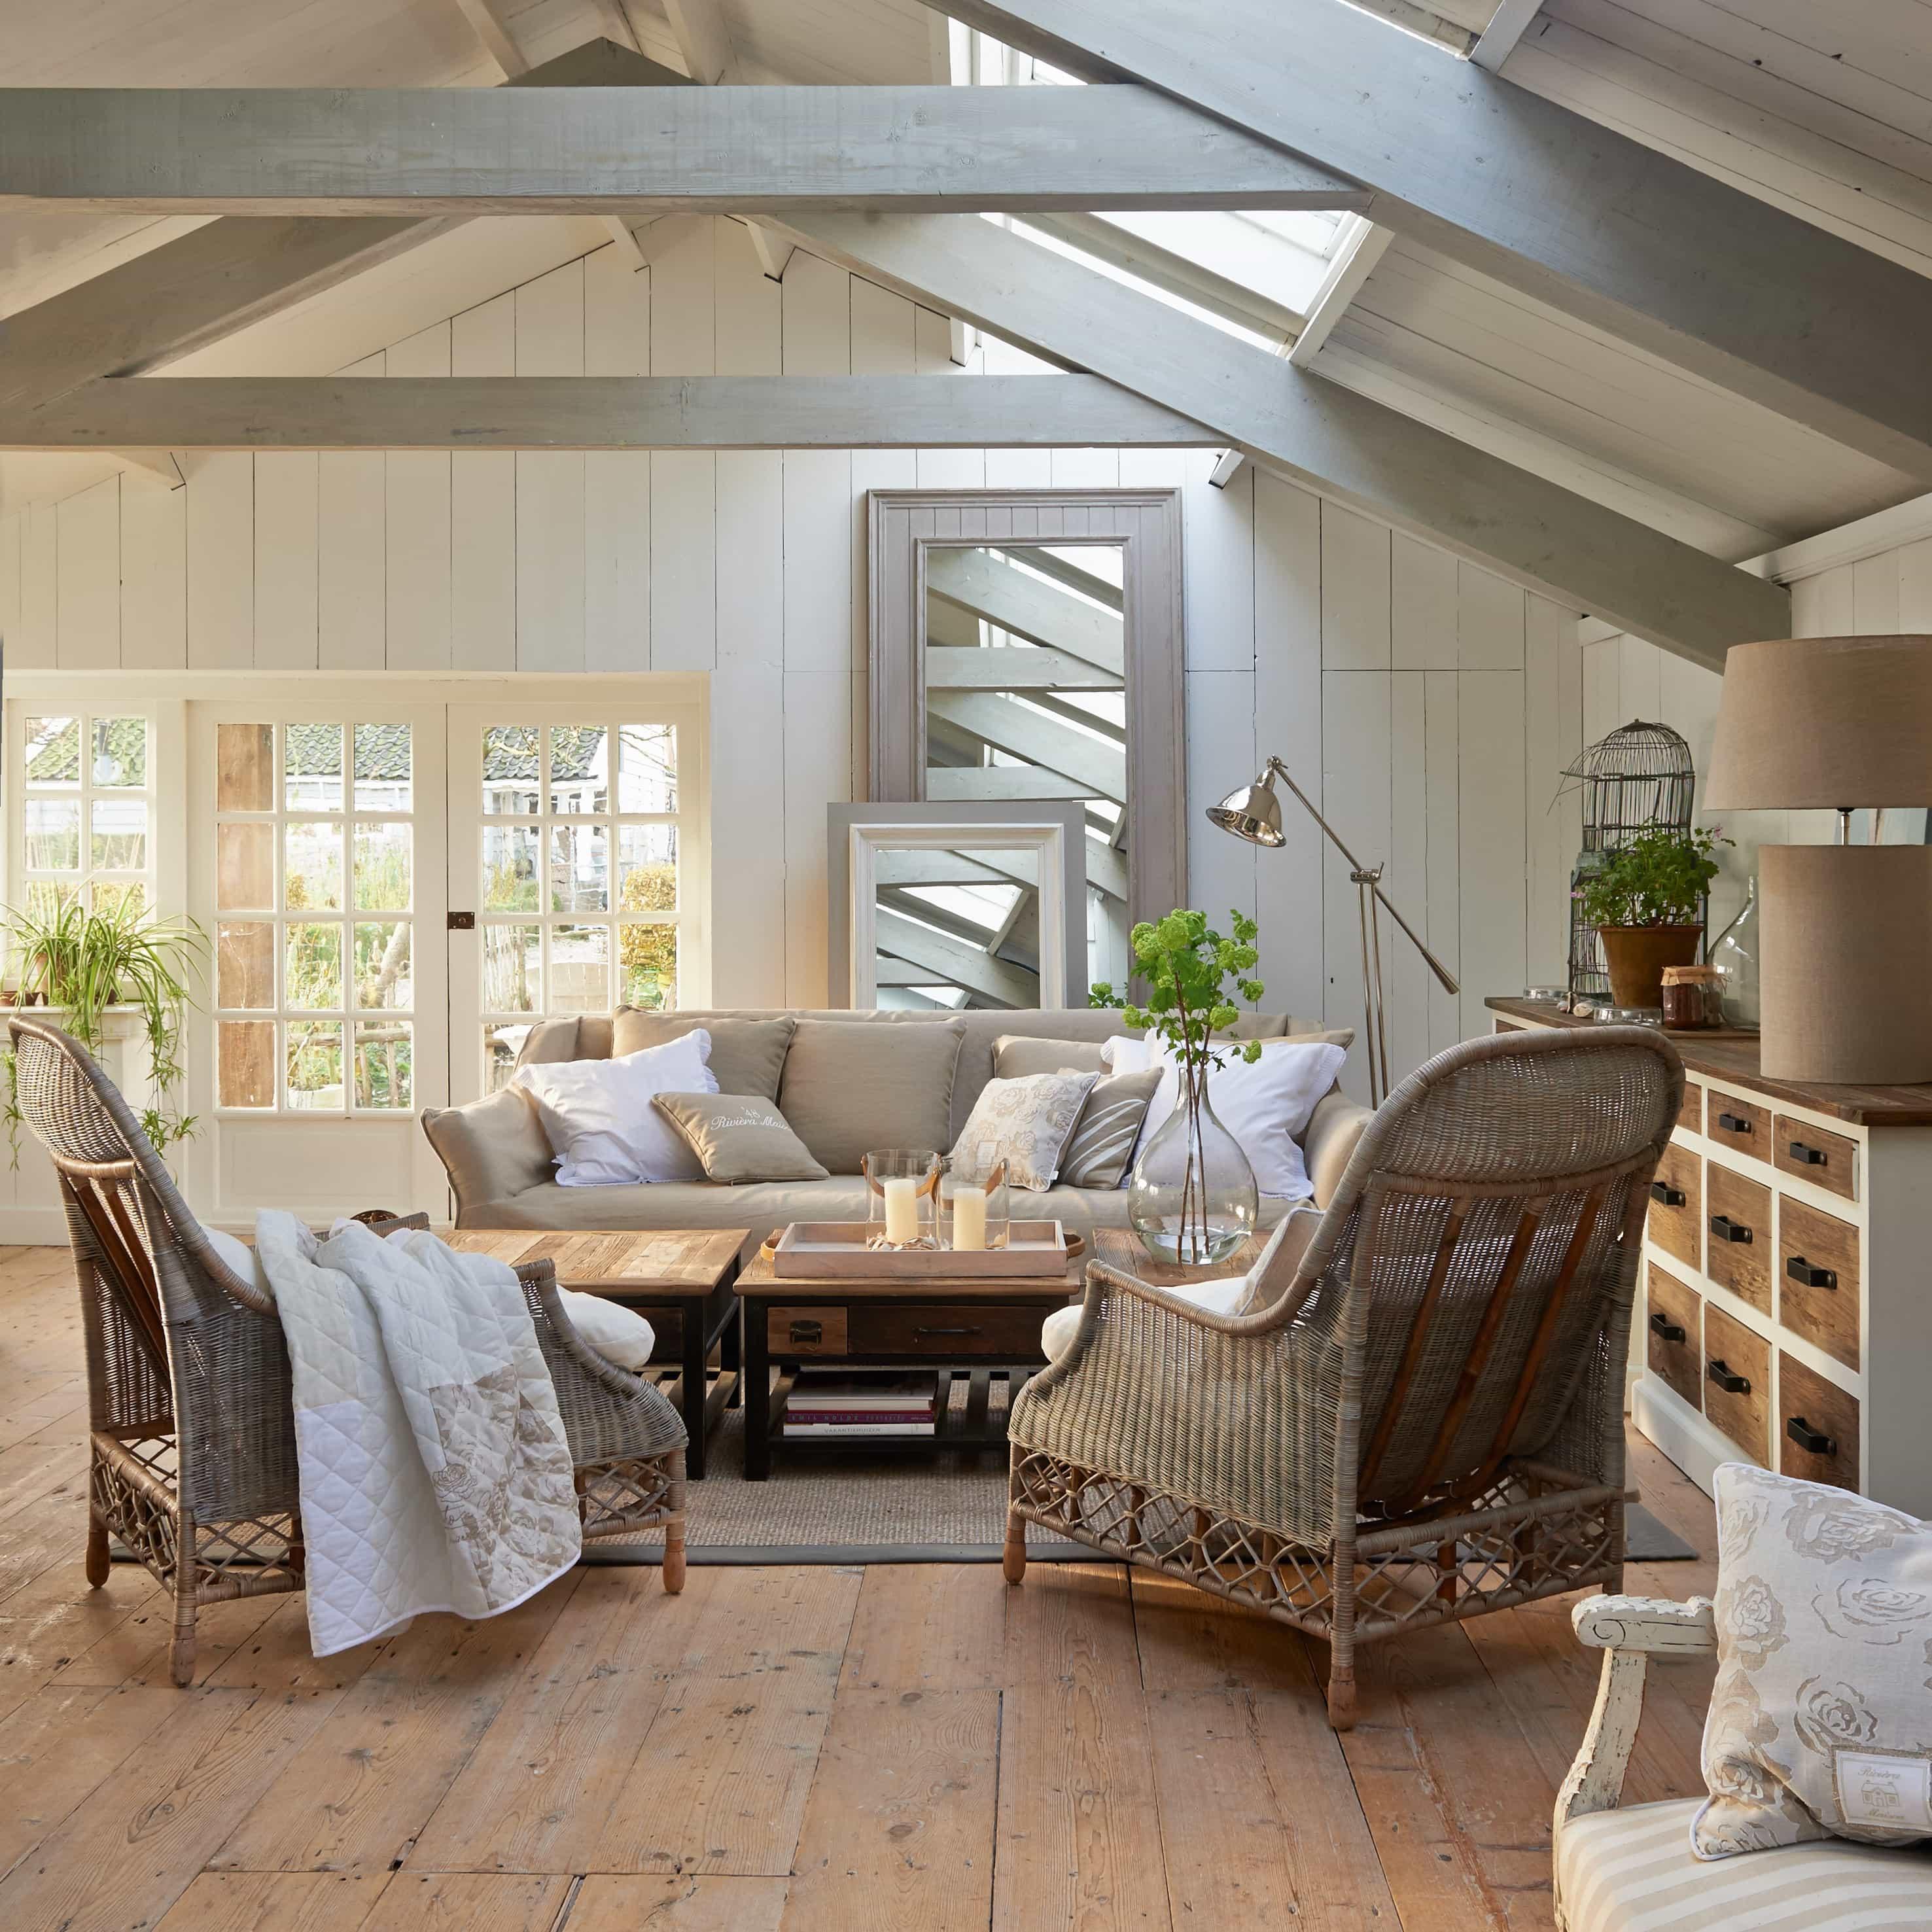 Zeigt einen grossen Raum mit Riveral Maison Möbeln